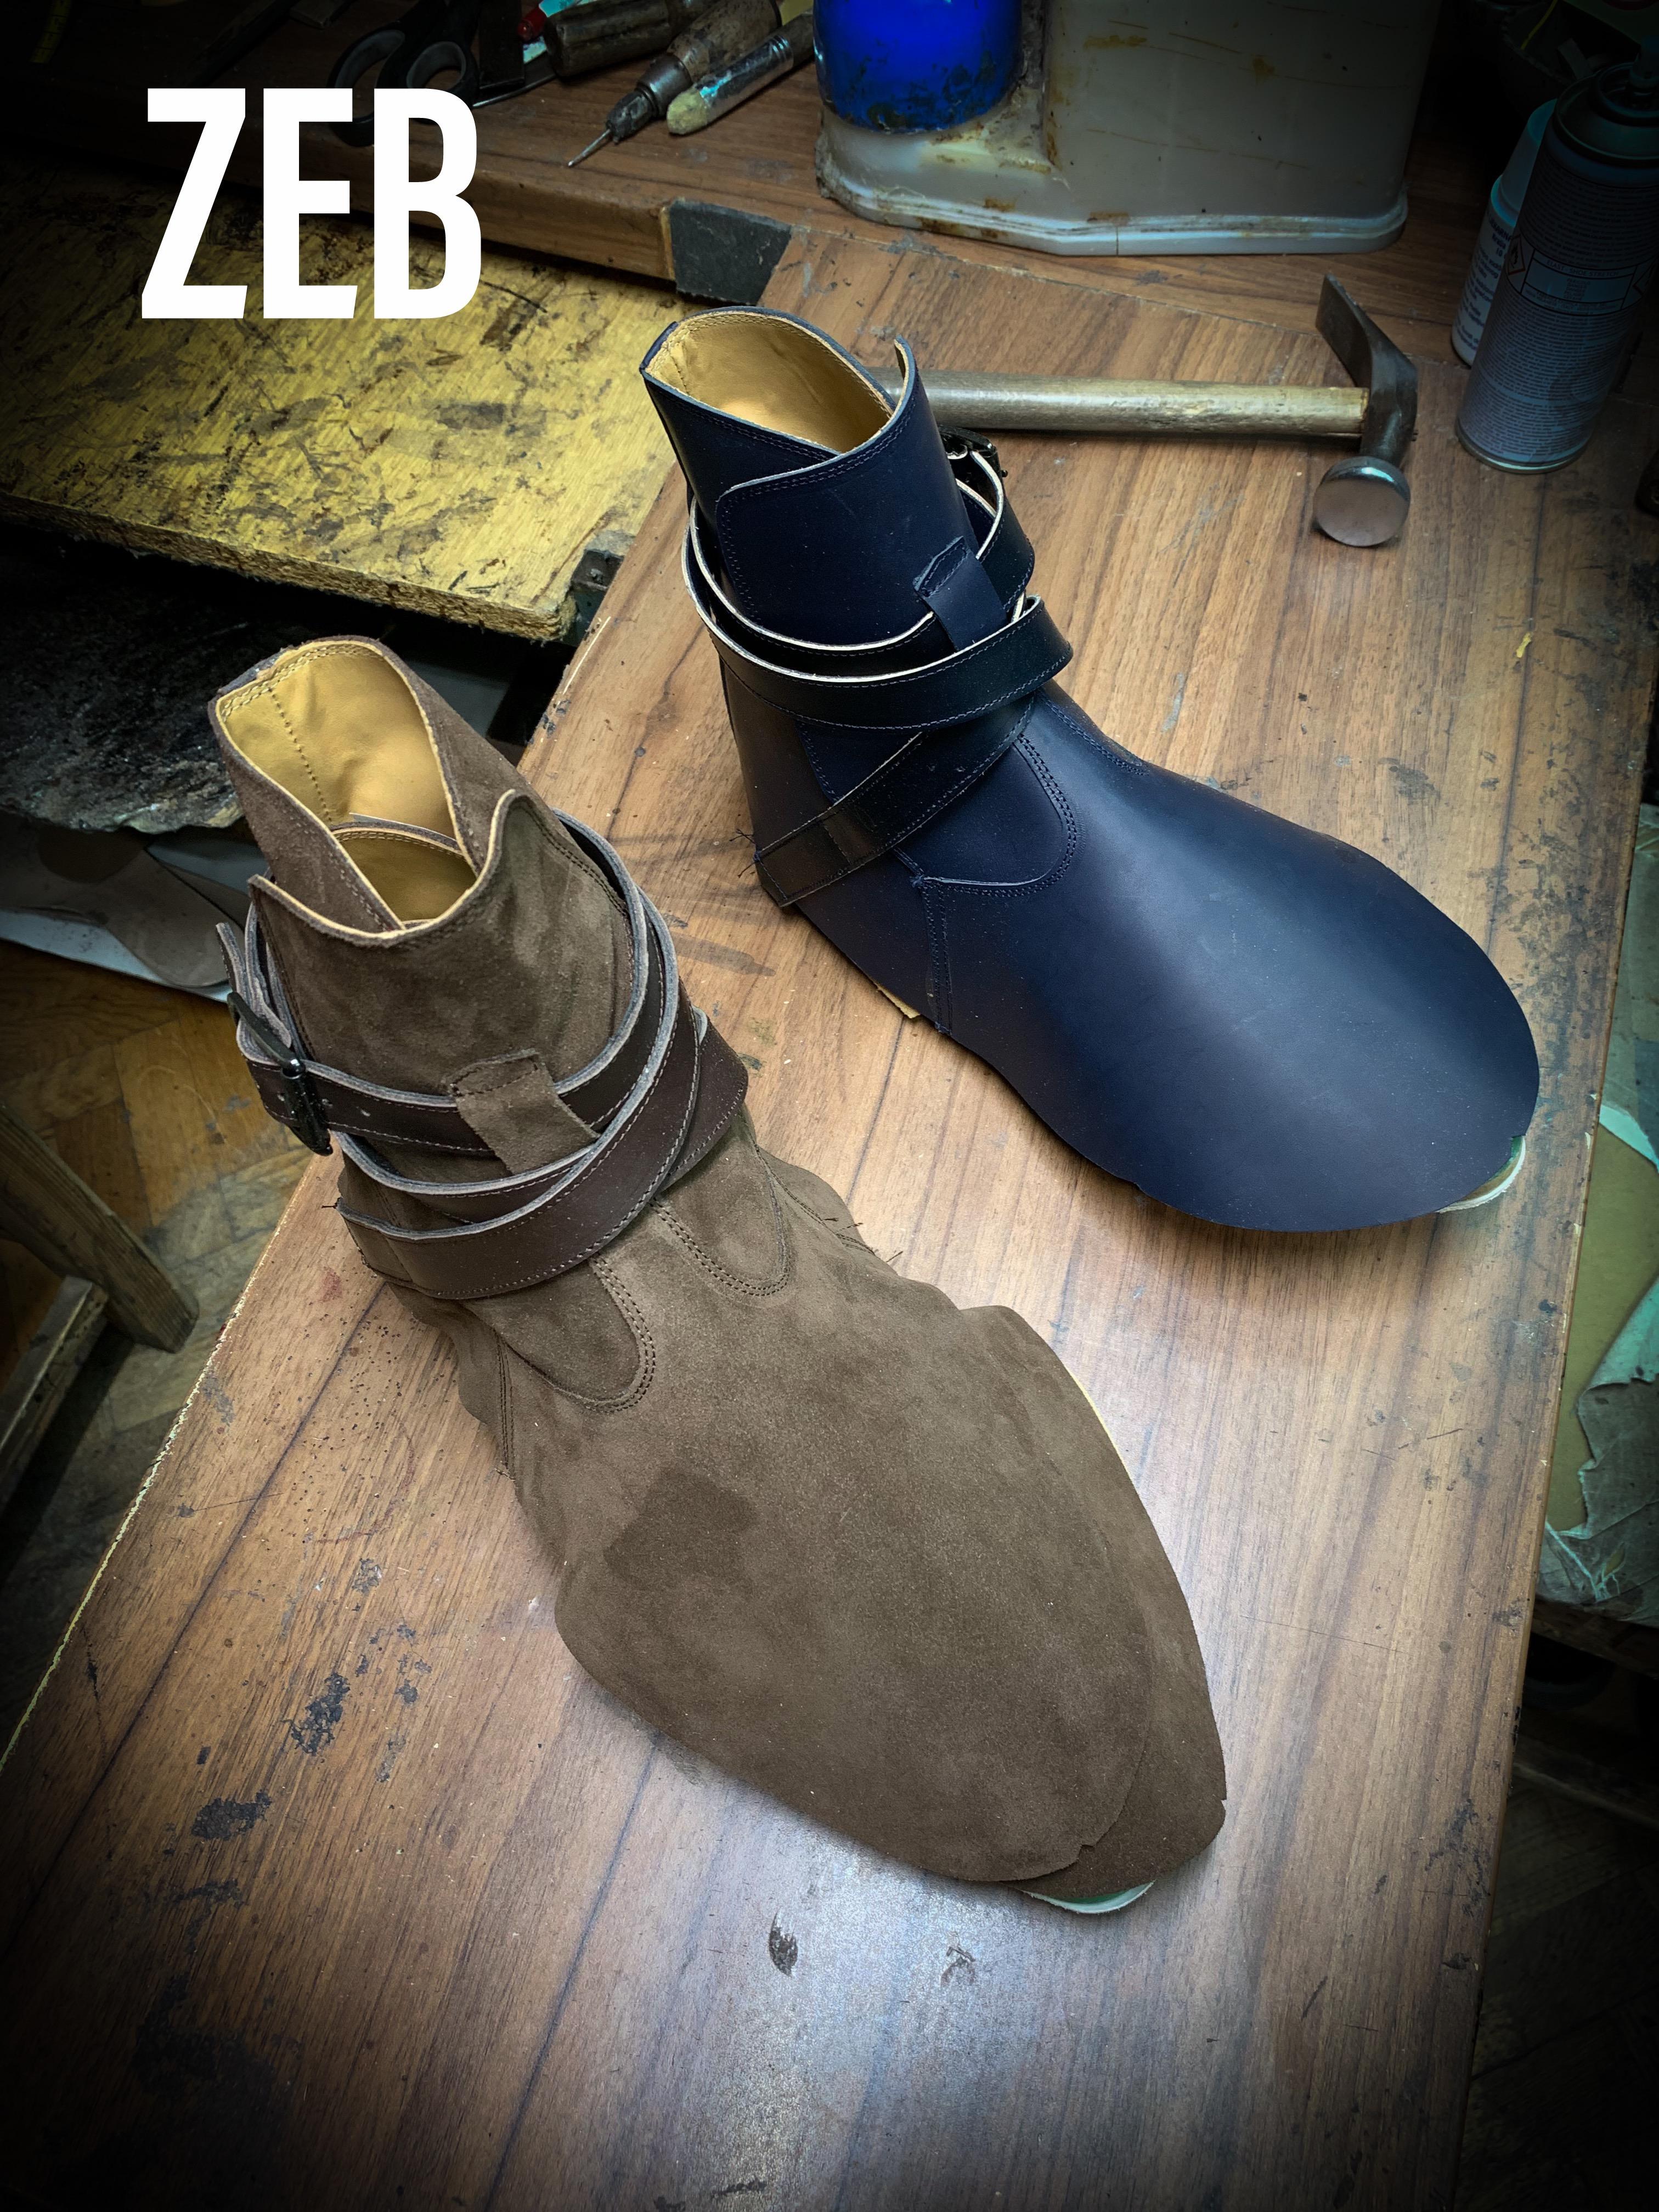 Leather-Boots-Jodhpur-Multiple-Gal18